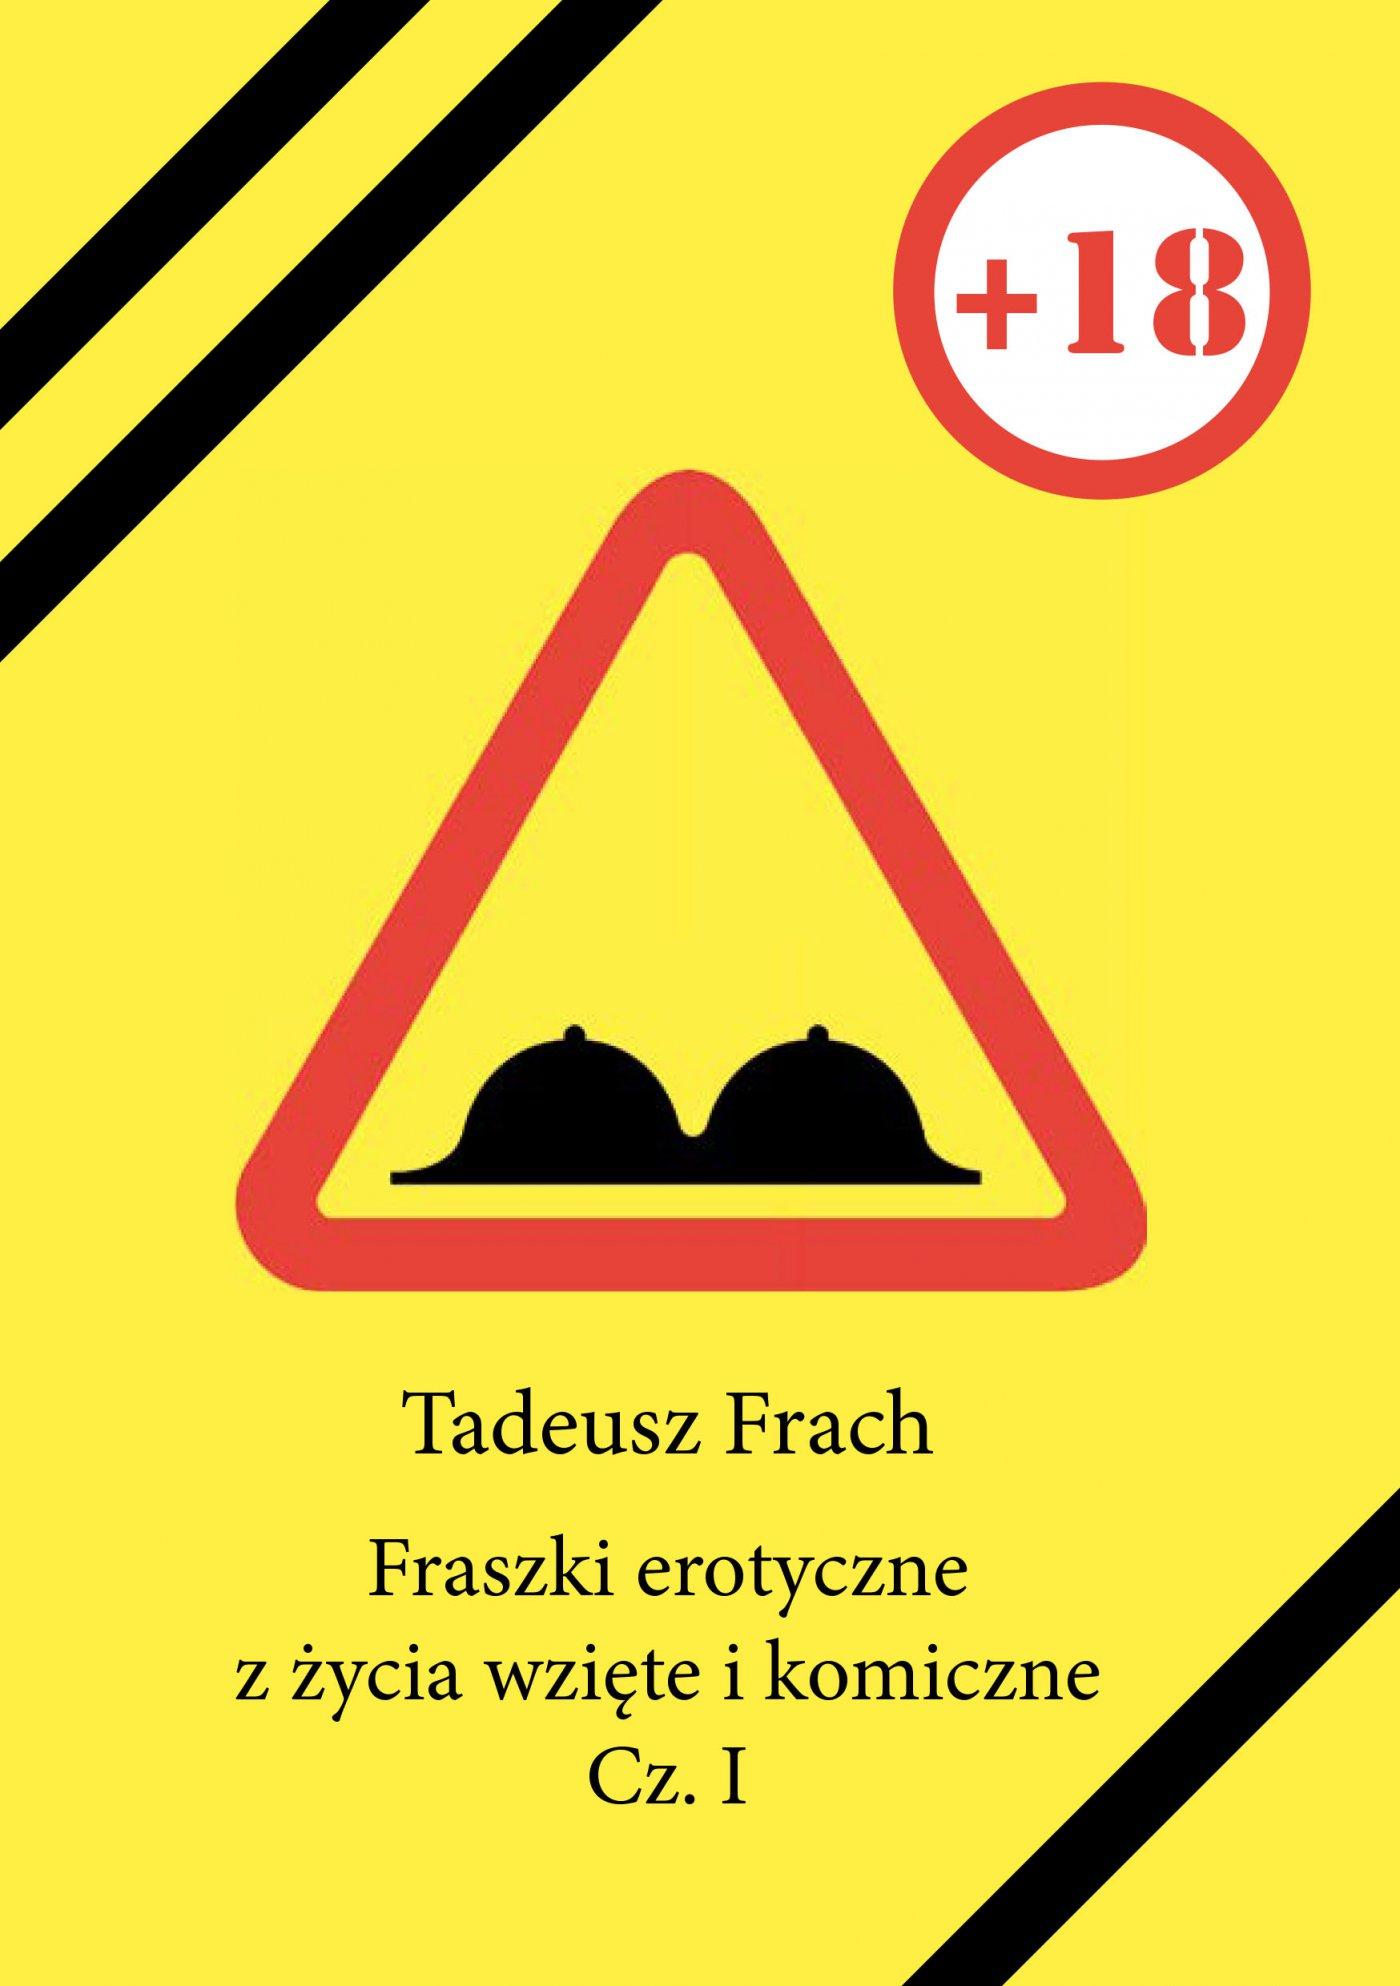 Fraszki erotyczne z życia wzięte i komiczne - Ebook (Książka EPUB) do pobrania w formacie EPUB